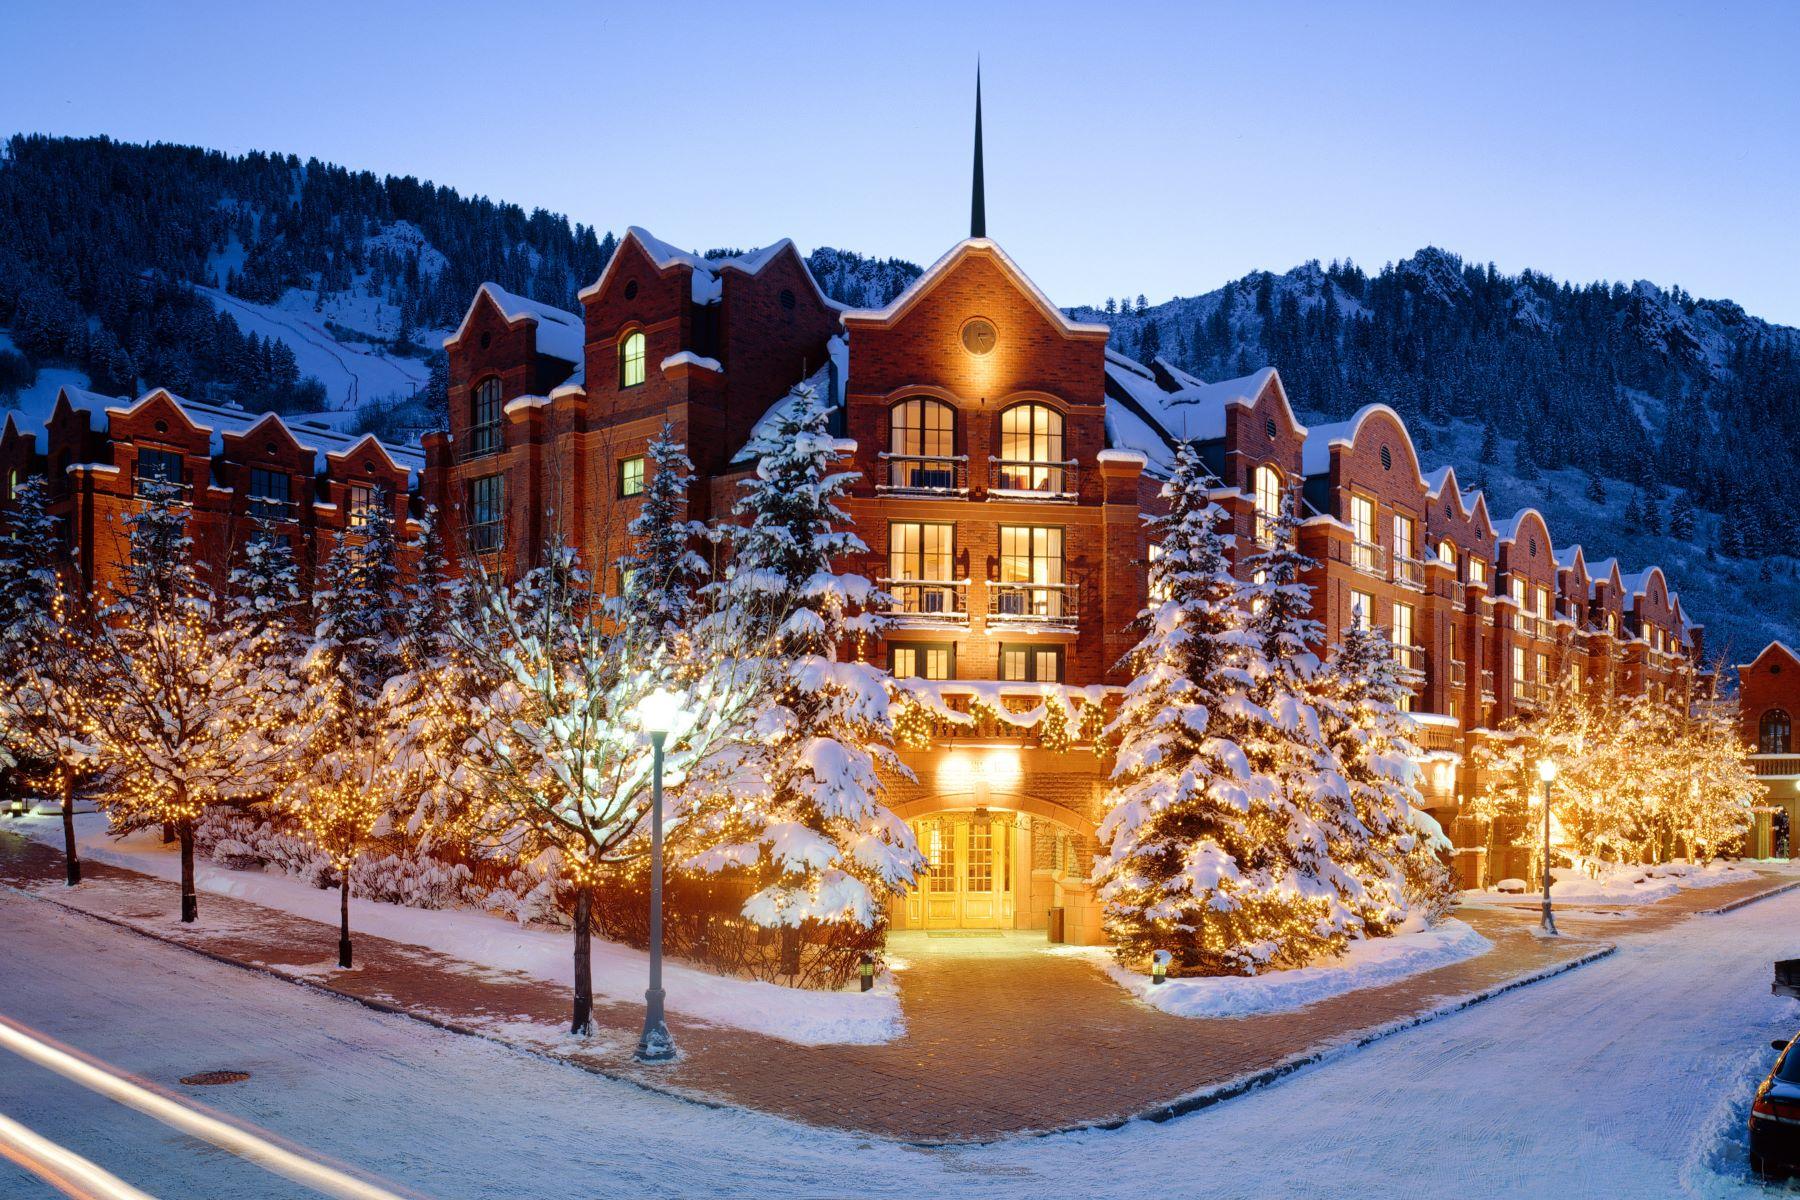 Долевое владение для того Продажа на St Regis Residence Club 315 East Dean Street Unit B31 J8, Central Core, Aspen, Колорадо, 81611 Соединенные Штаты